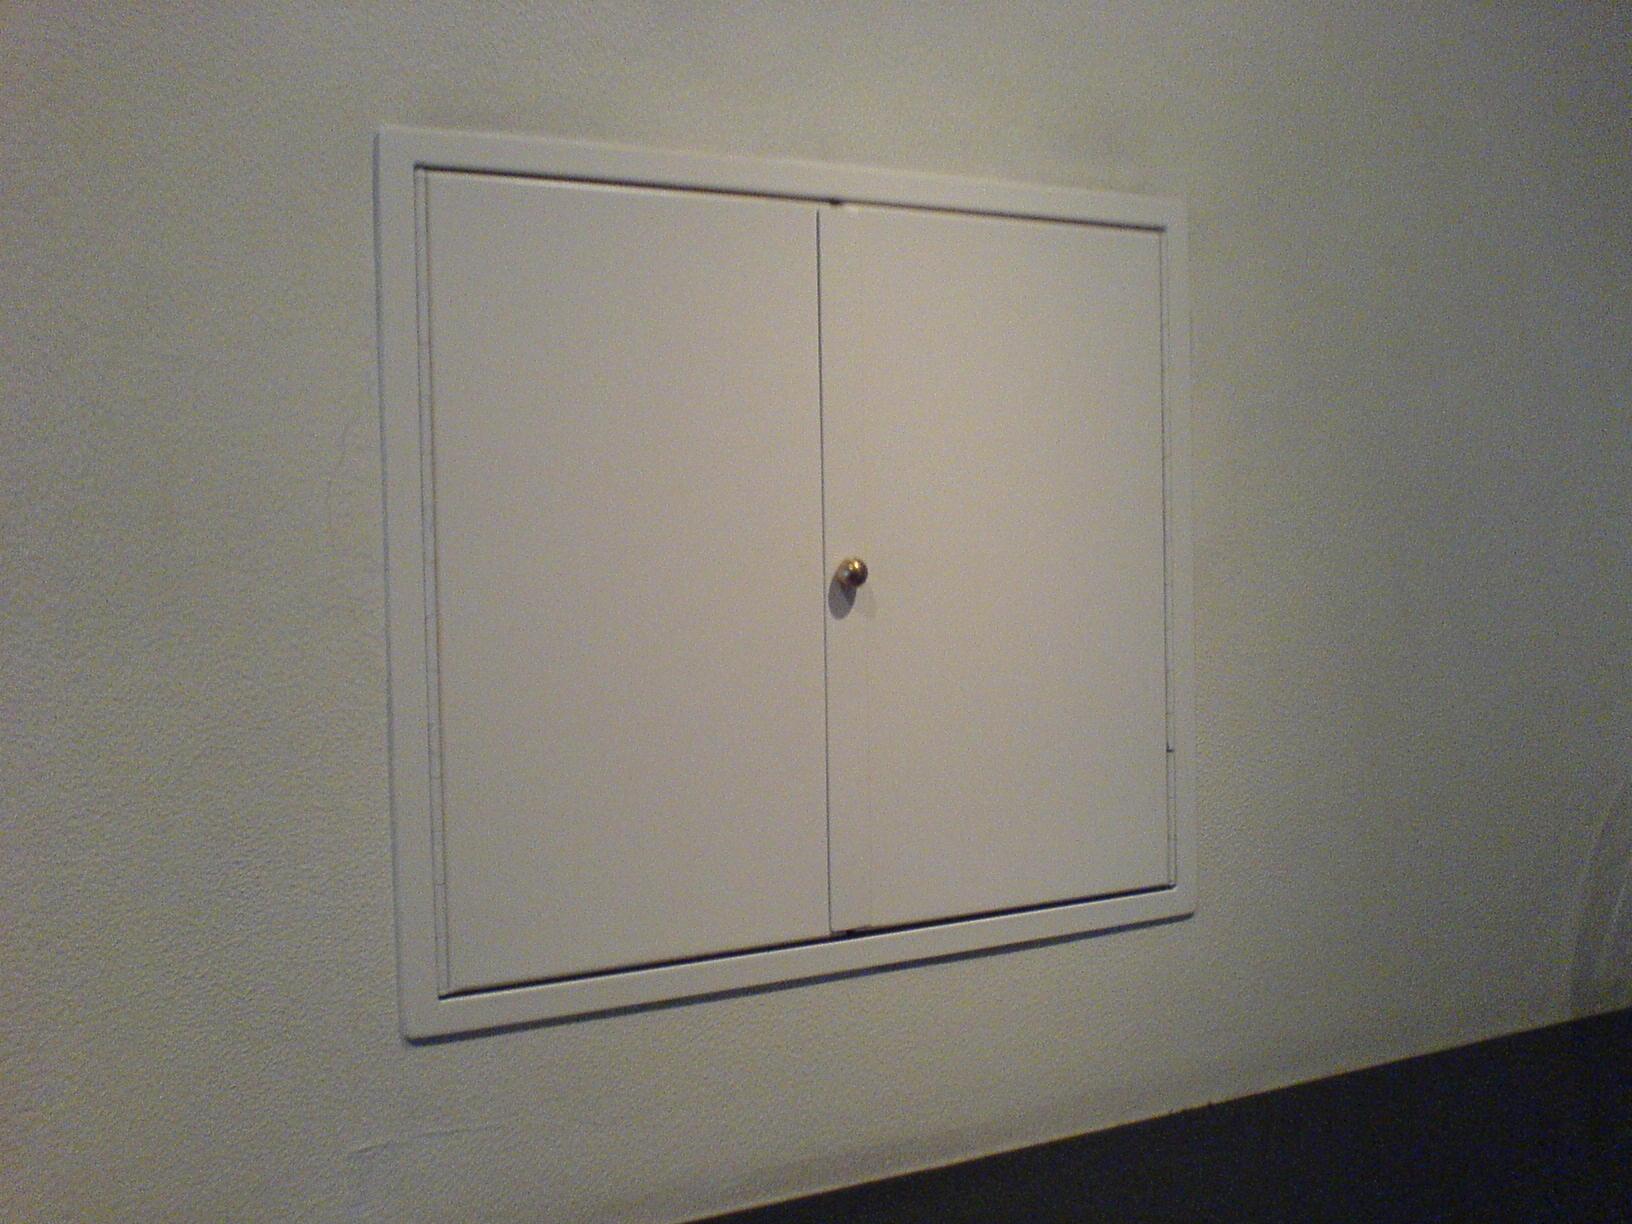 Wandeinbau-Schrank lackiert